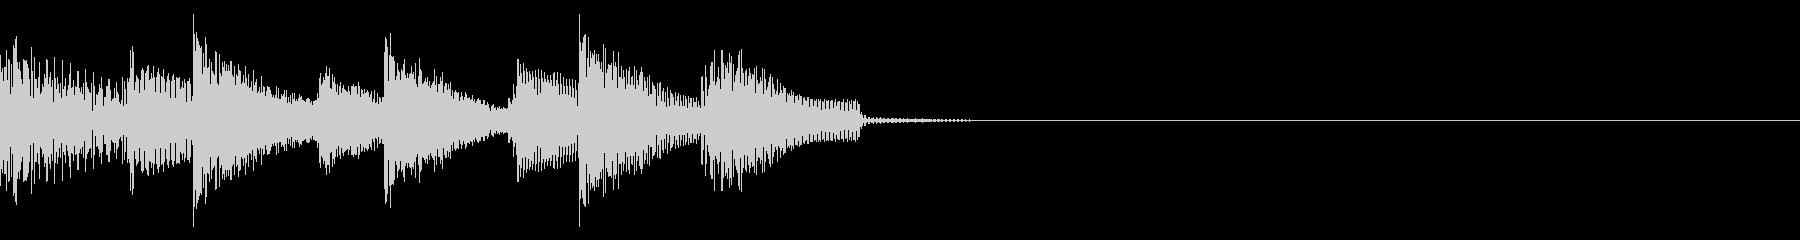 サウンドロゴ3の未再生の波形